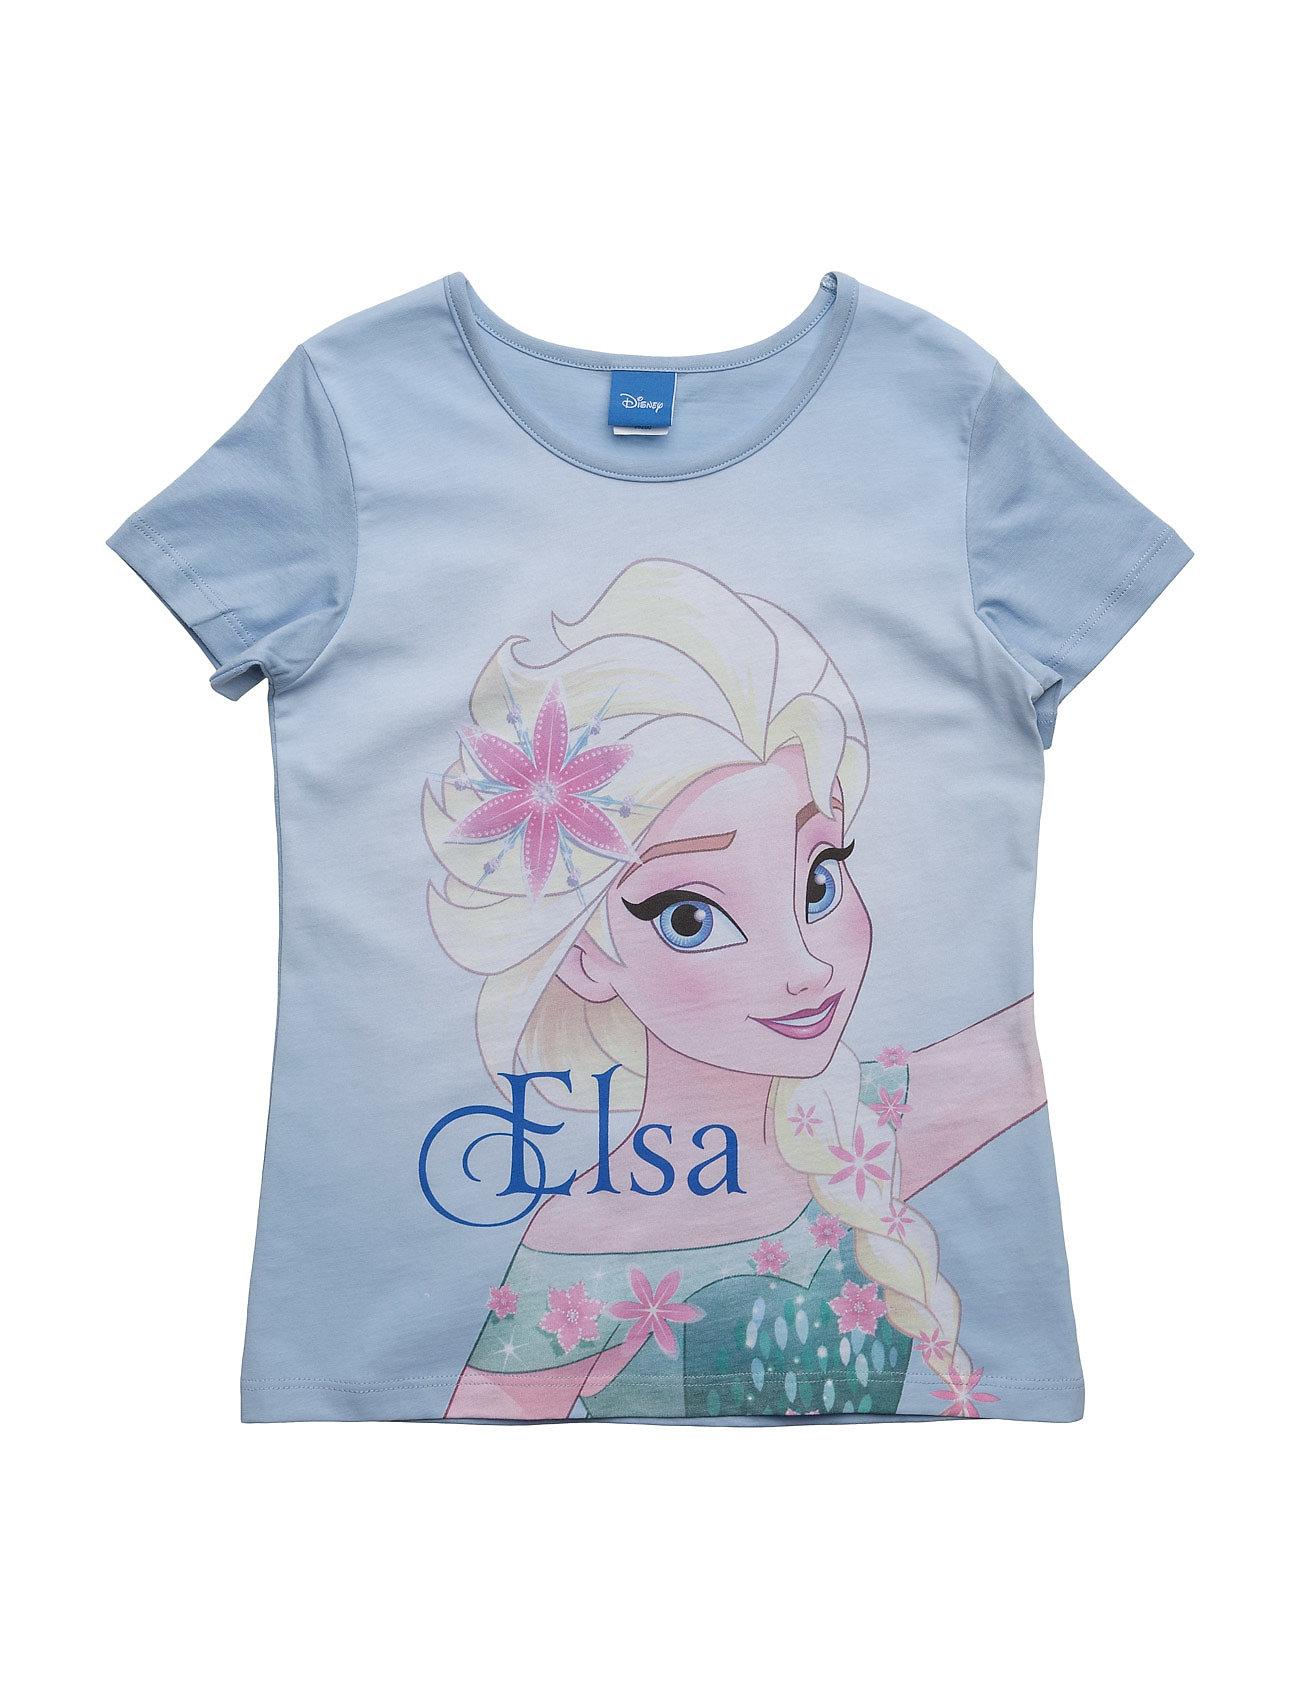 Shirt Disney Kortærmede t-shirts til Børn i Blå